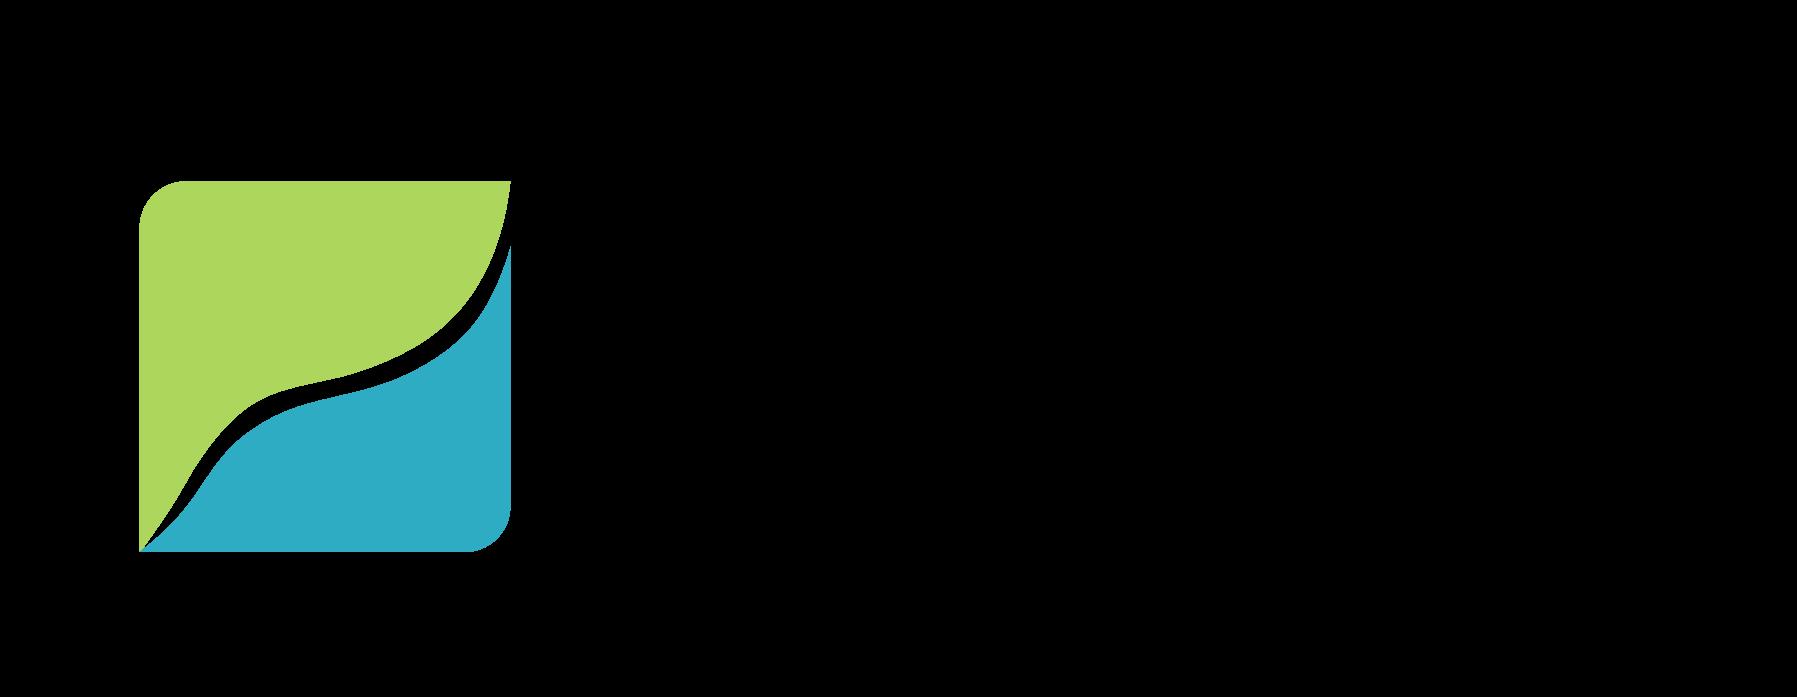 Nanotech-Logo-no-outline